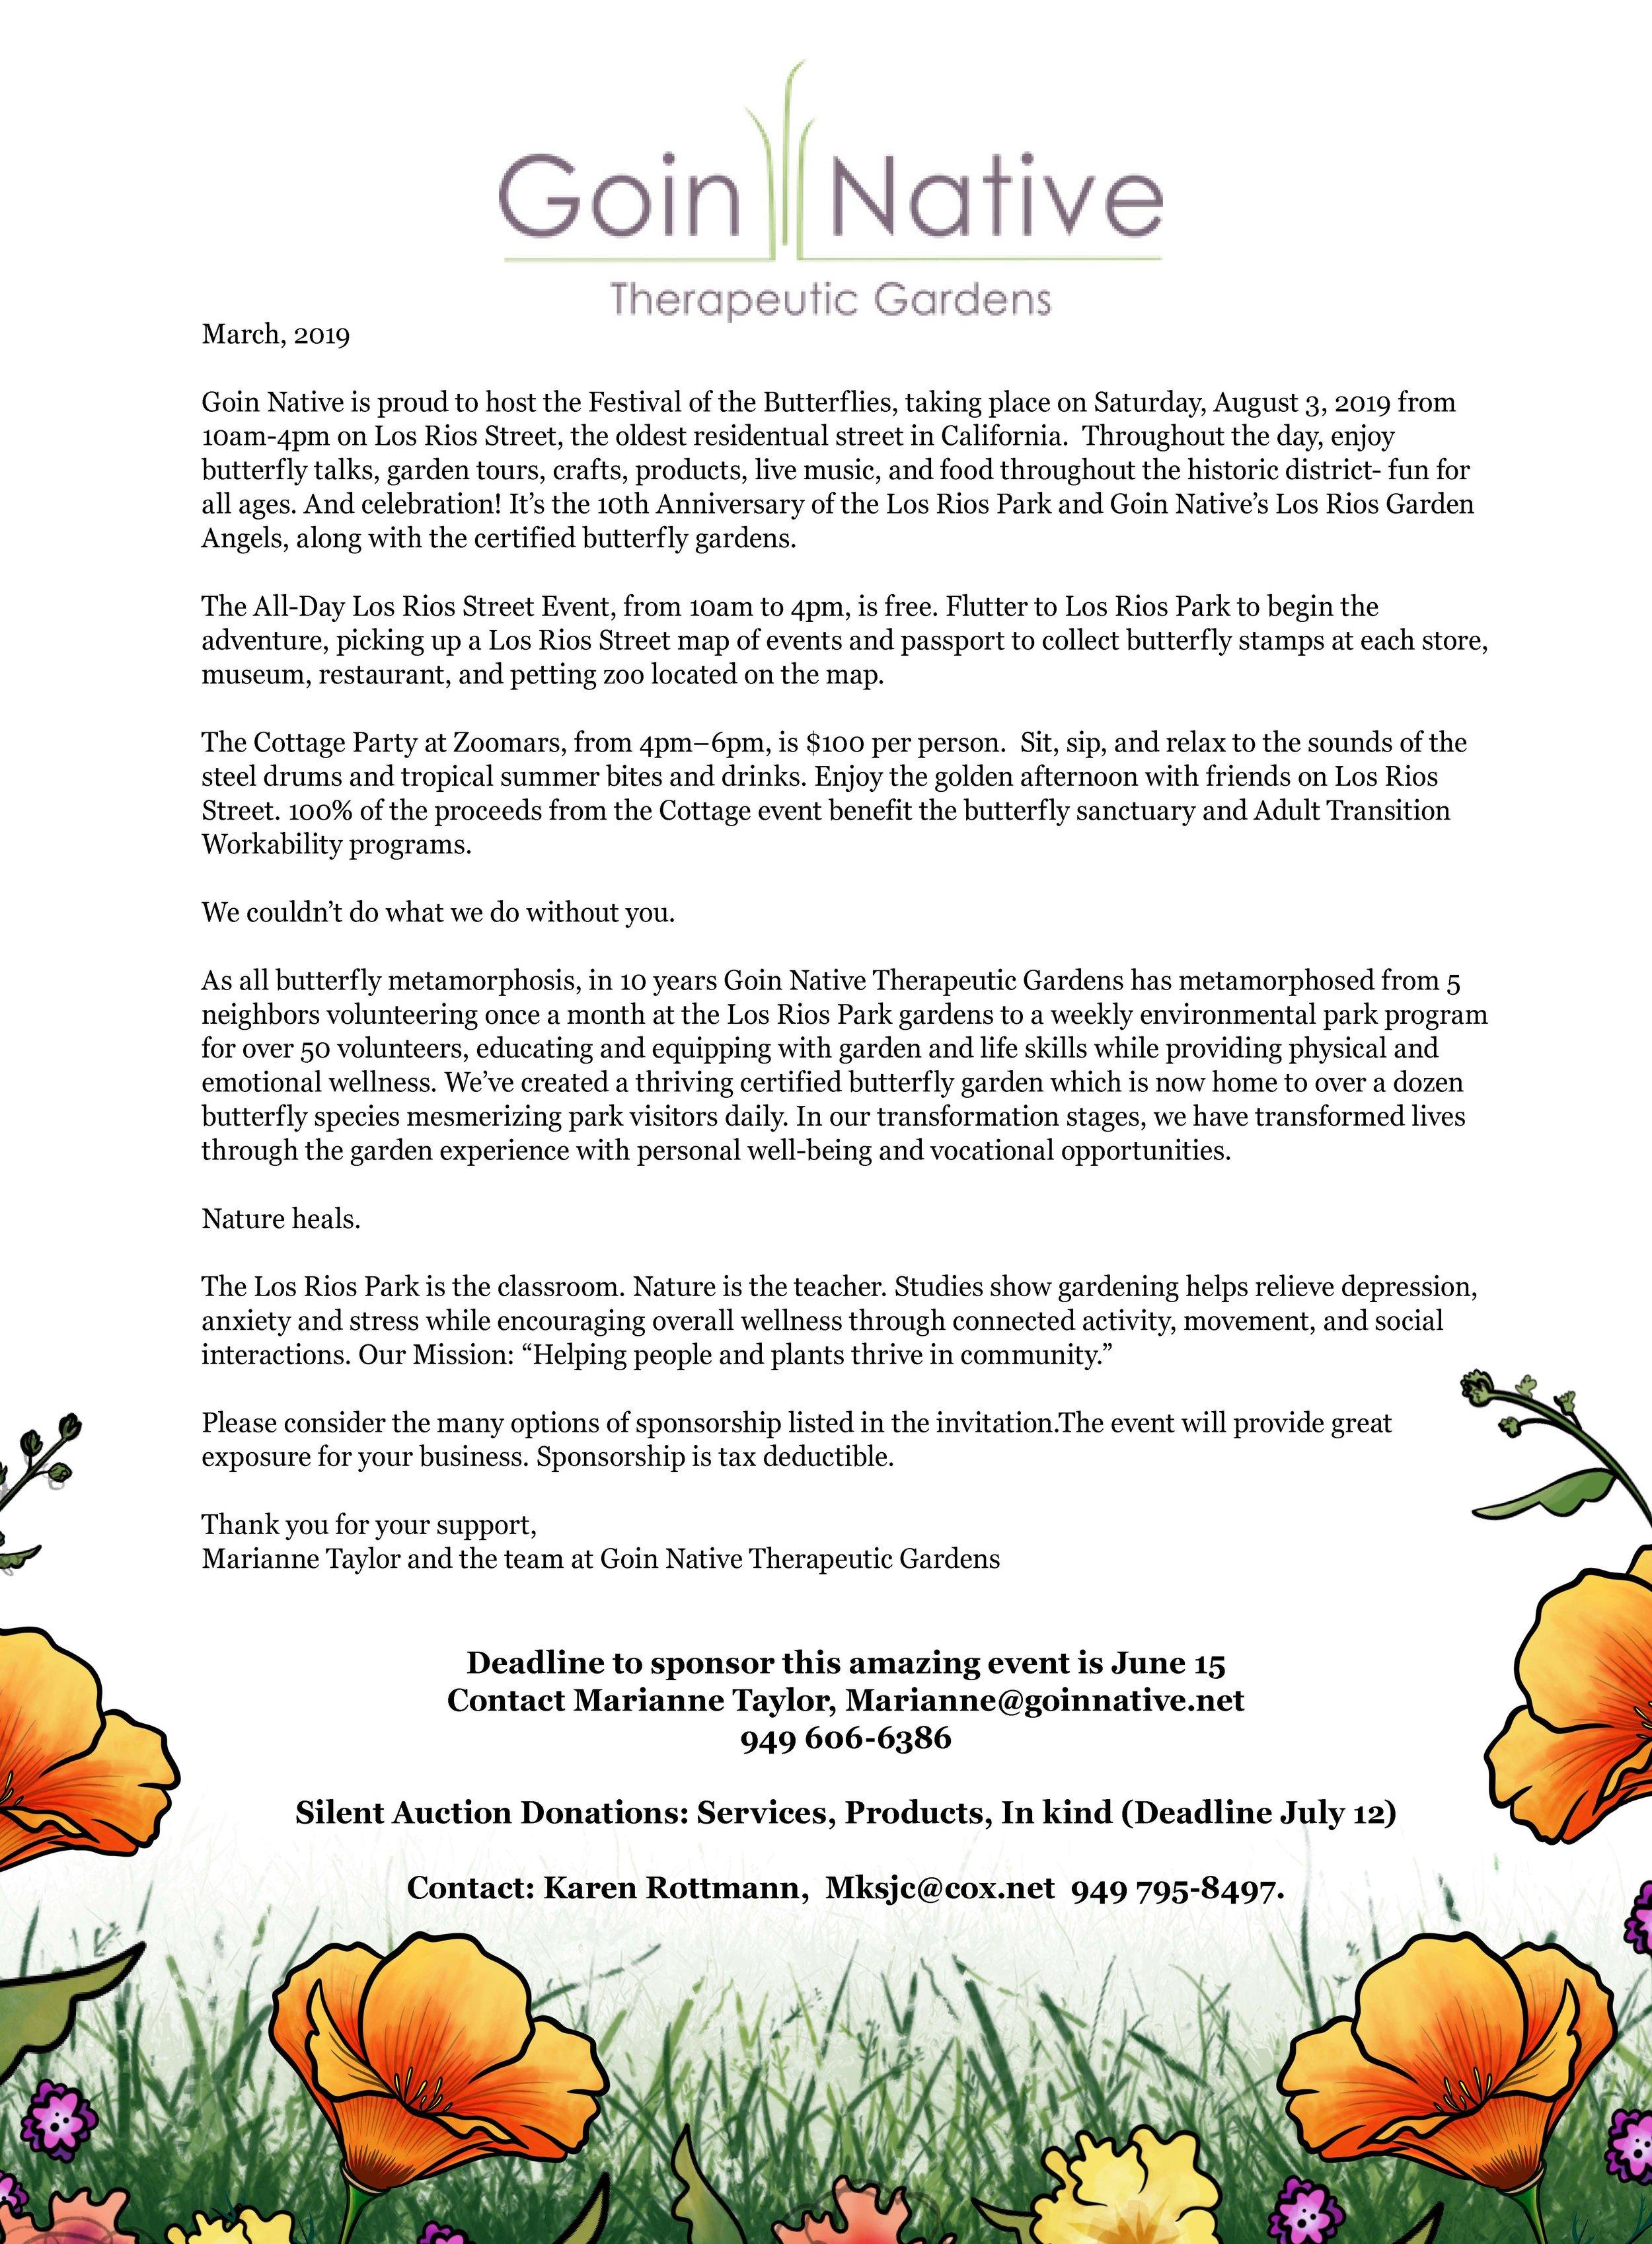 FOB Sponsorship Letter(final edit).jpg